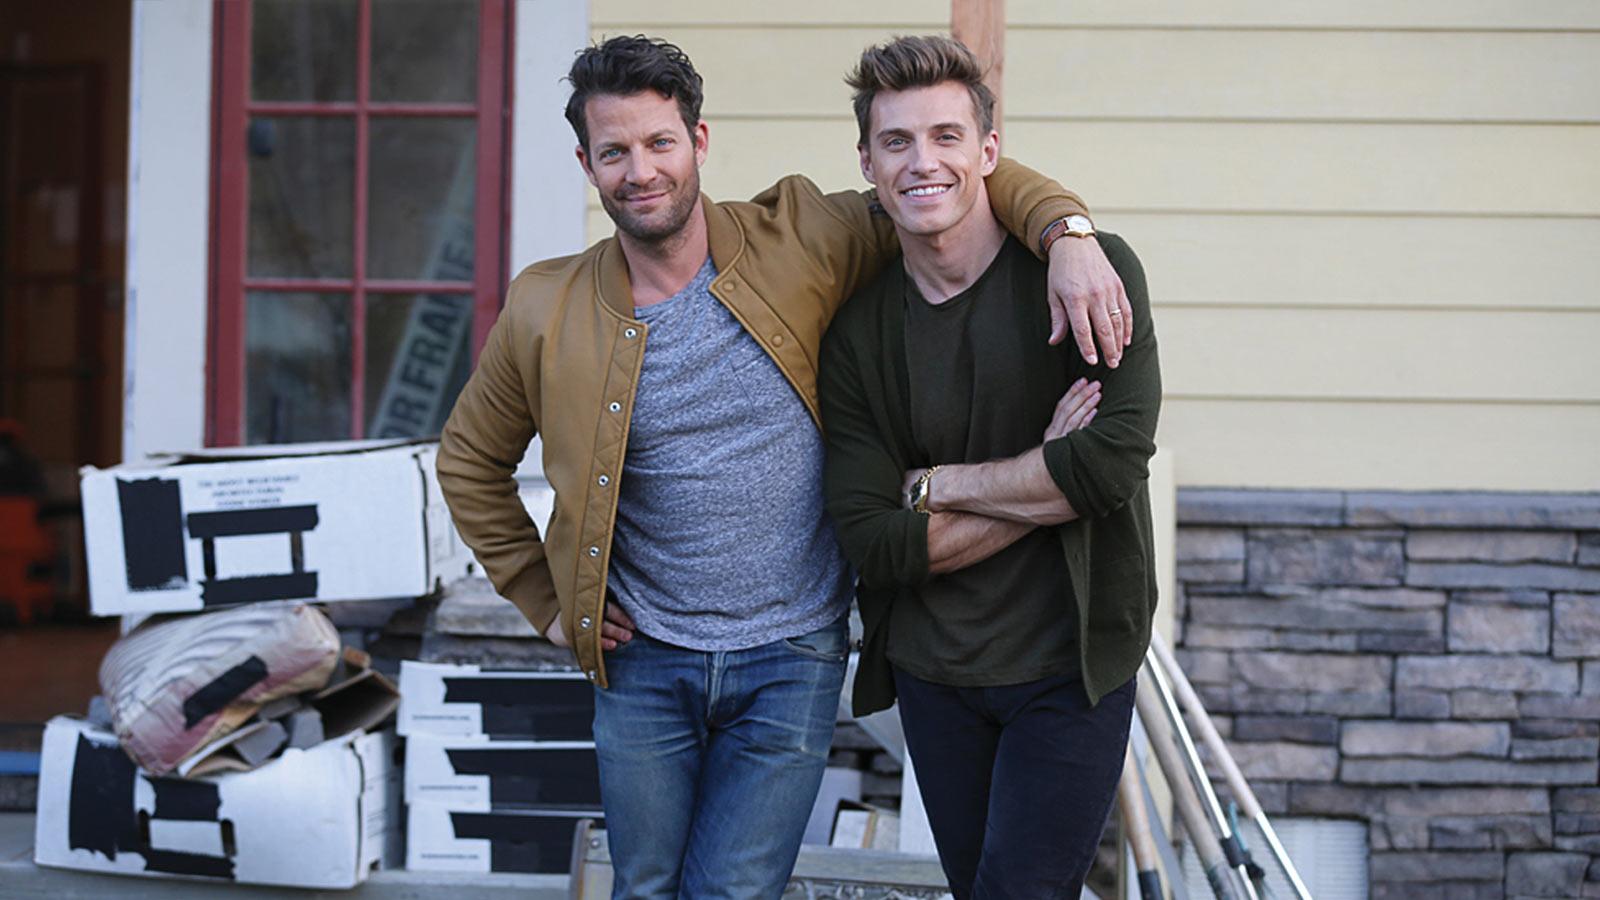 Nate y Jeremiah serán la última esperanza para los desesperados propietarios de unas casas que en ocasiones ni siquiera han sido finalizadas